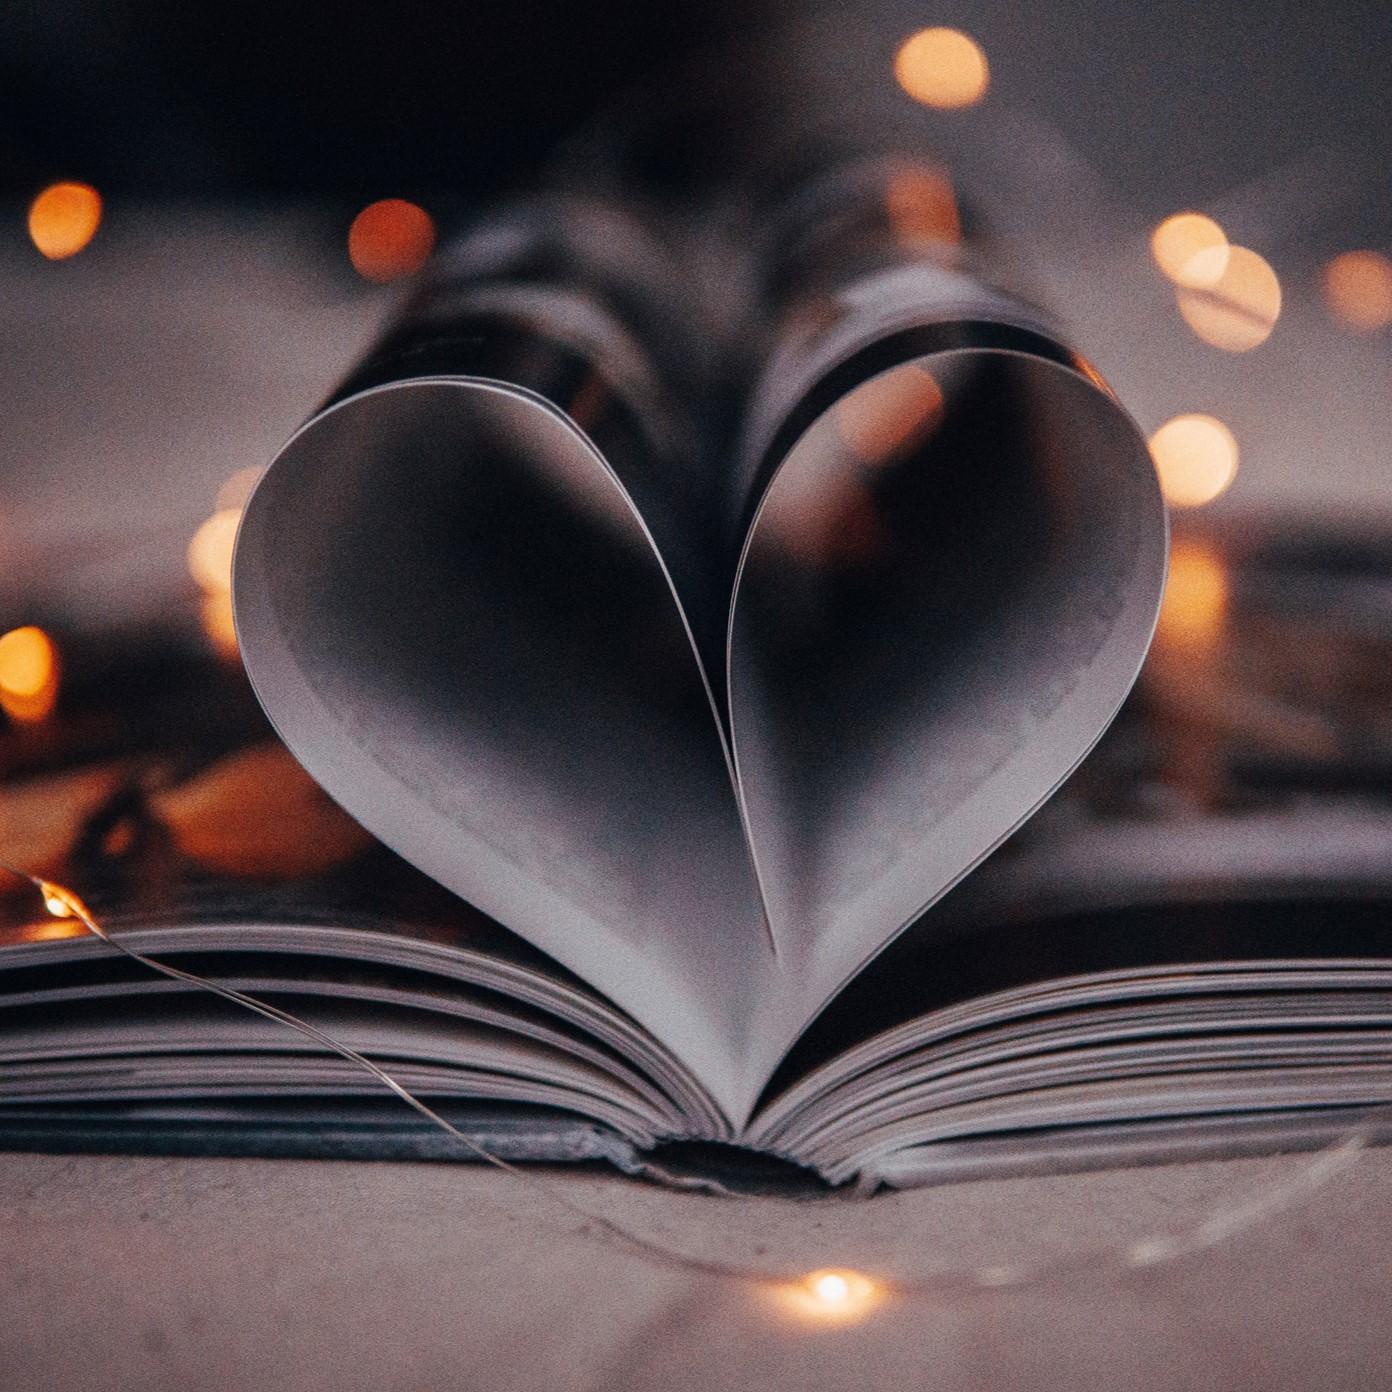 Pages d'un carnet papier formant un coeur